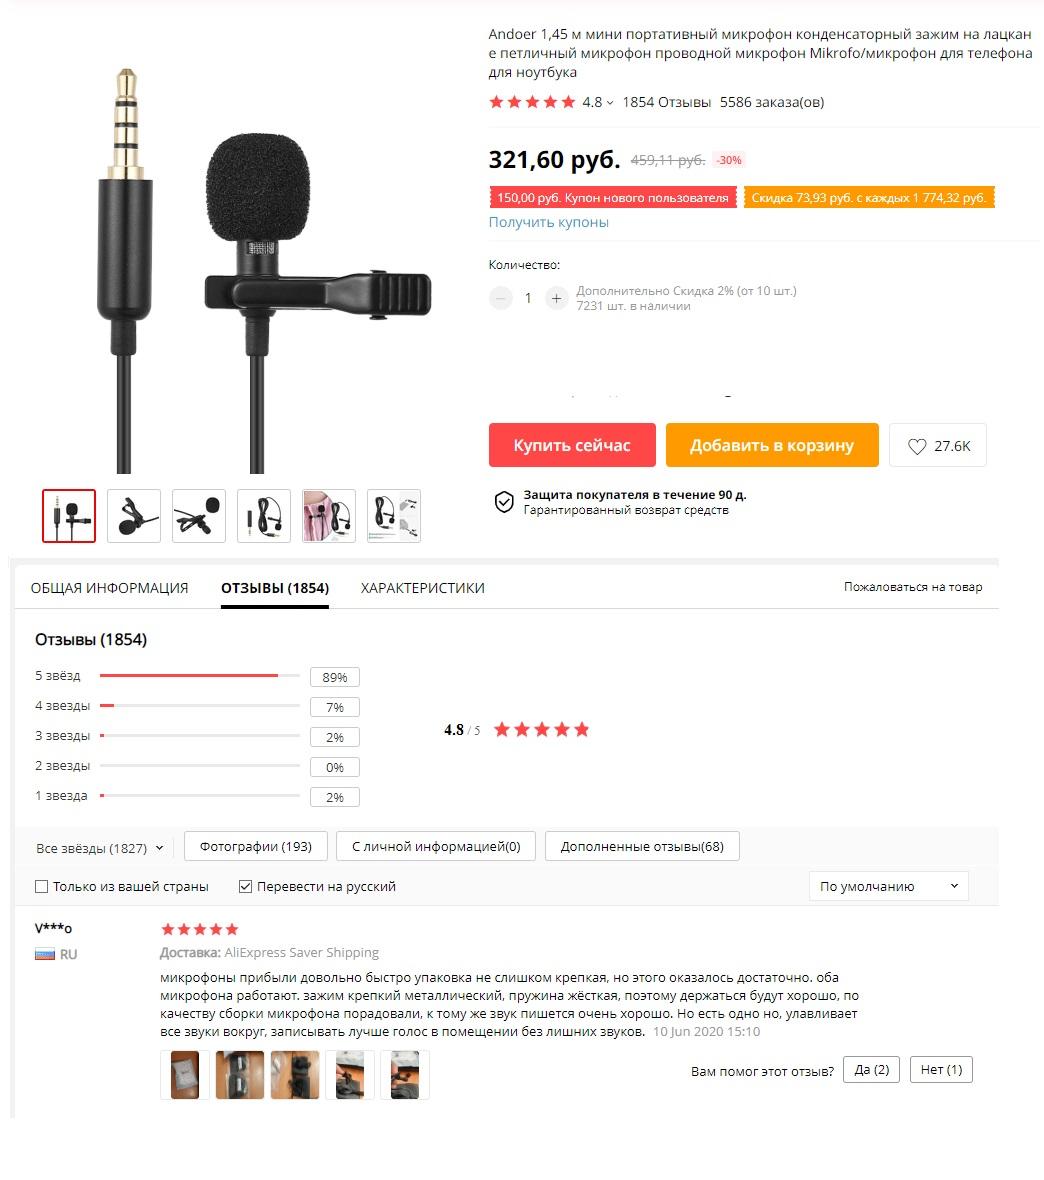 Портативный микрофон